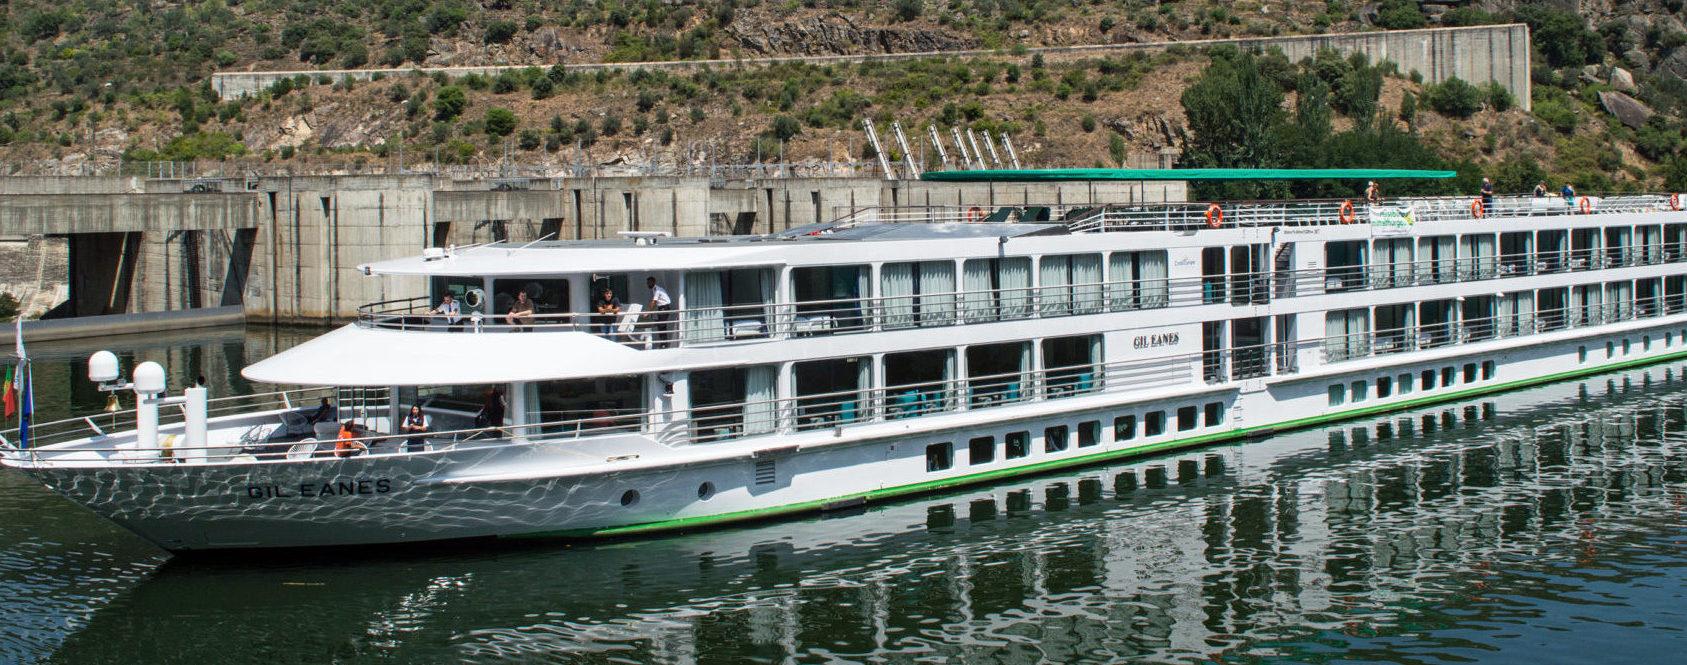 CroisiEurope MS Gil Eanes - Douro River